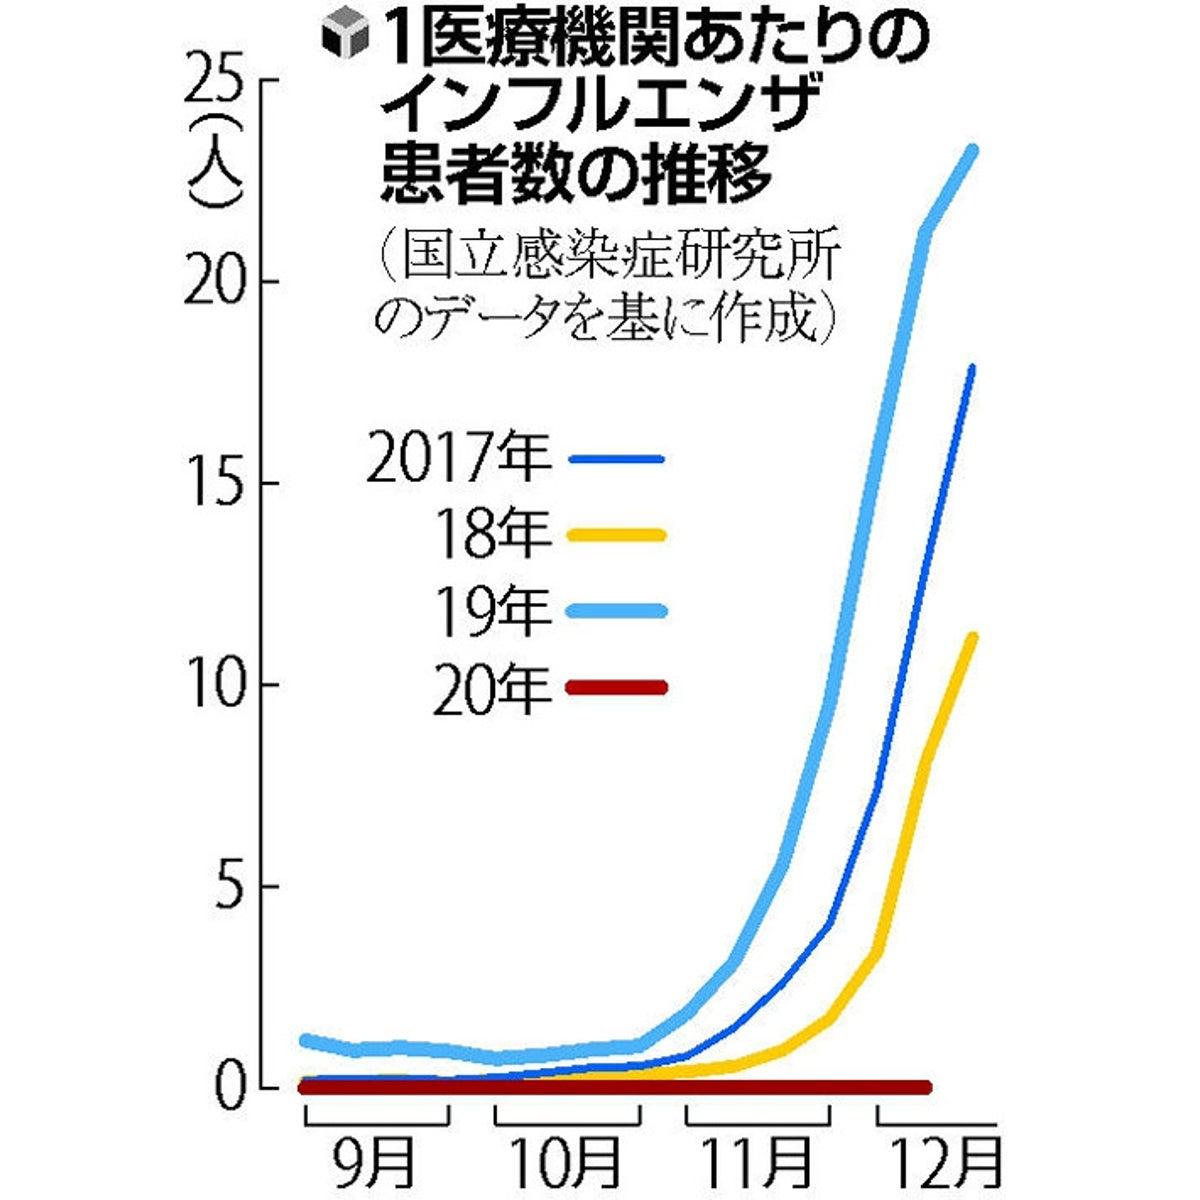 インフルエンザ 感染 者 数 2019 年度